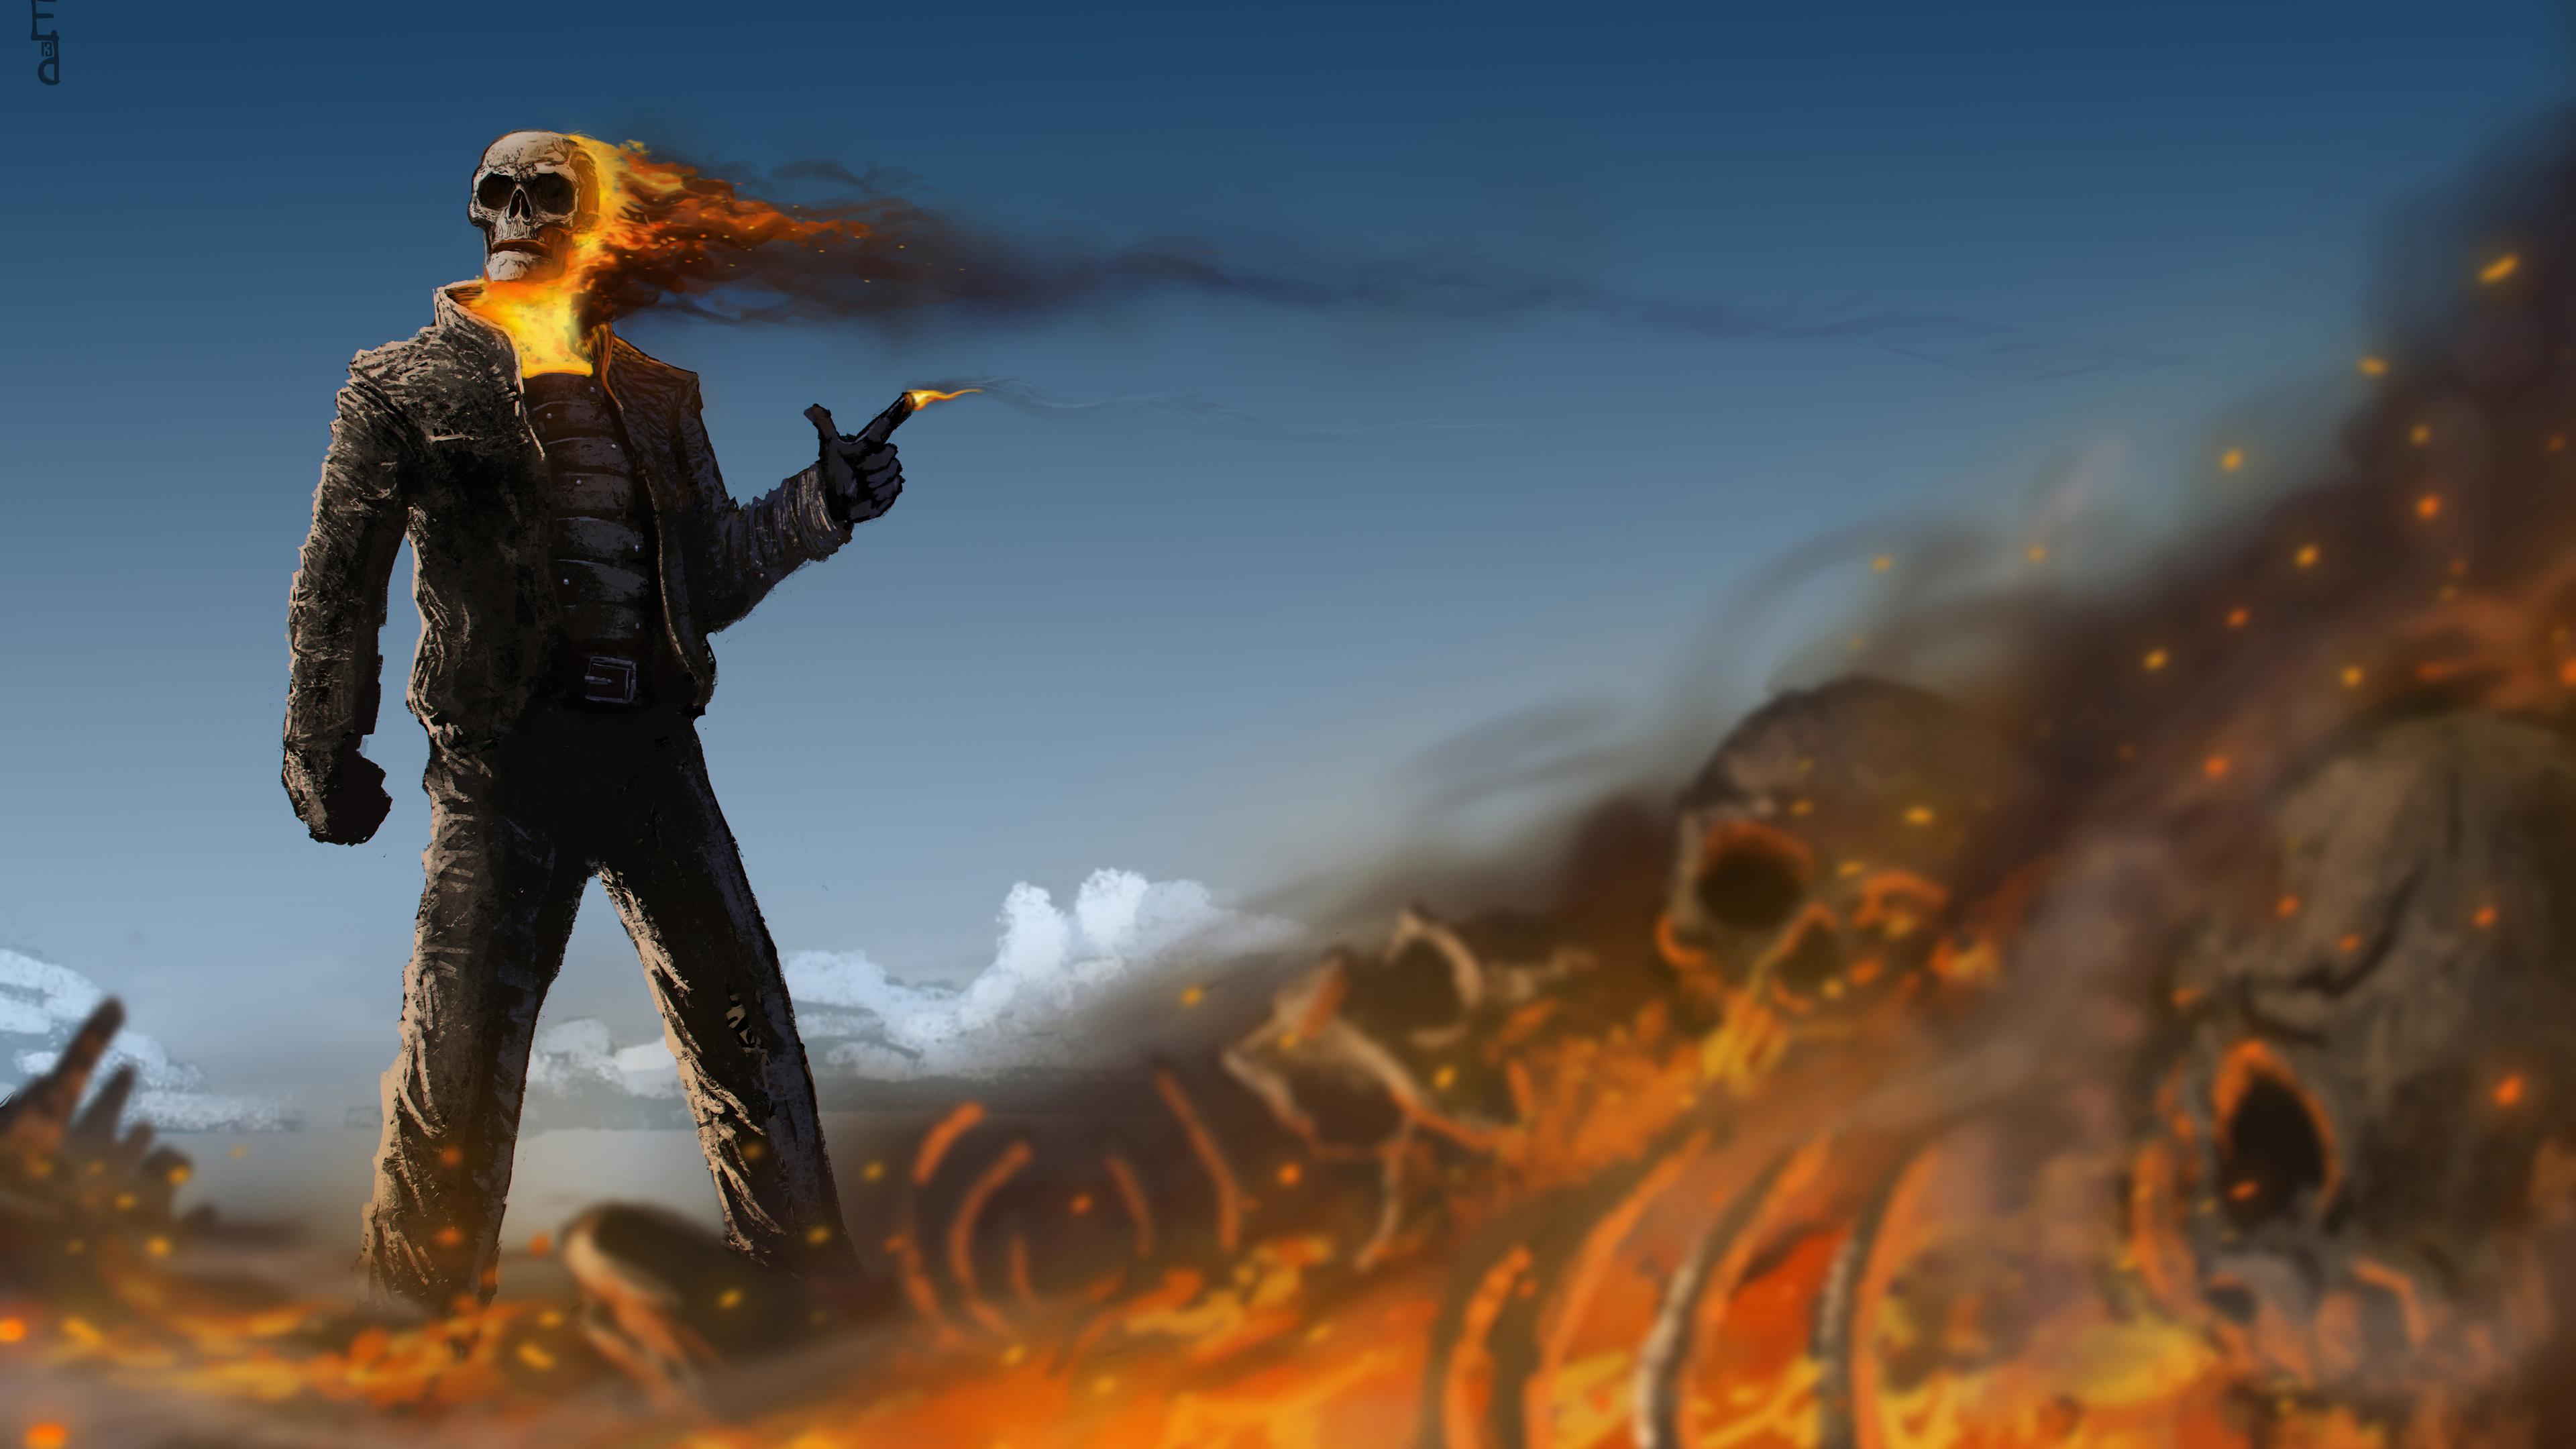 gunslinger ghost rider 4k 1553071369 - Gunslinger Ghost Rider 4k - superheroes wallpapers, hd-wallpapers, ghost rider wallpapers, deviantart wallpapers, artwork wallpapers, artist wallpapers, 4k-wallpapers